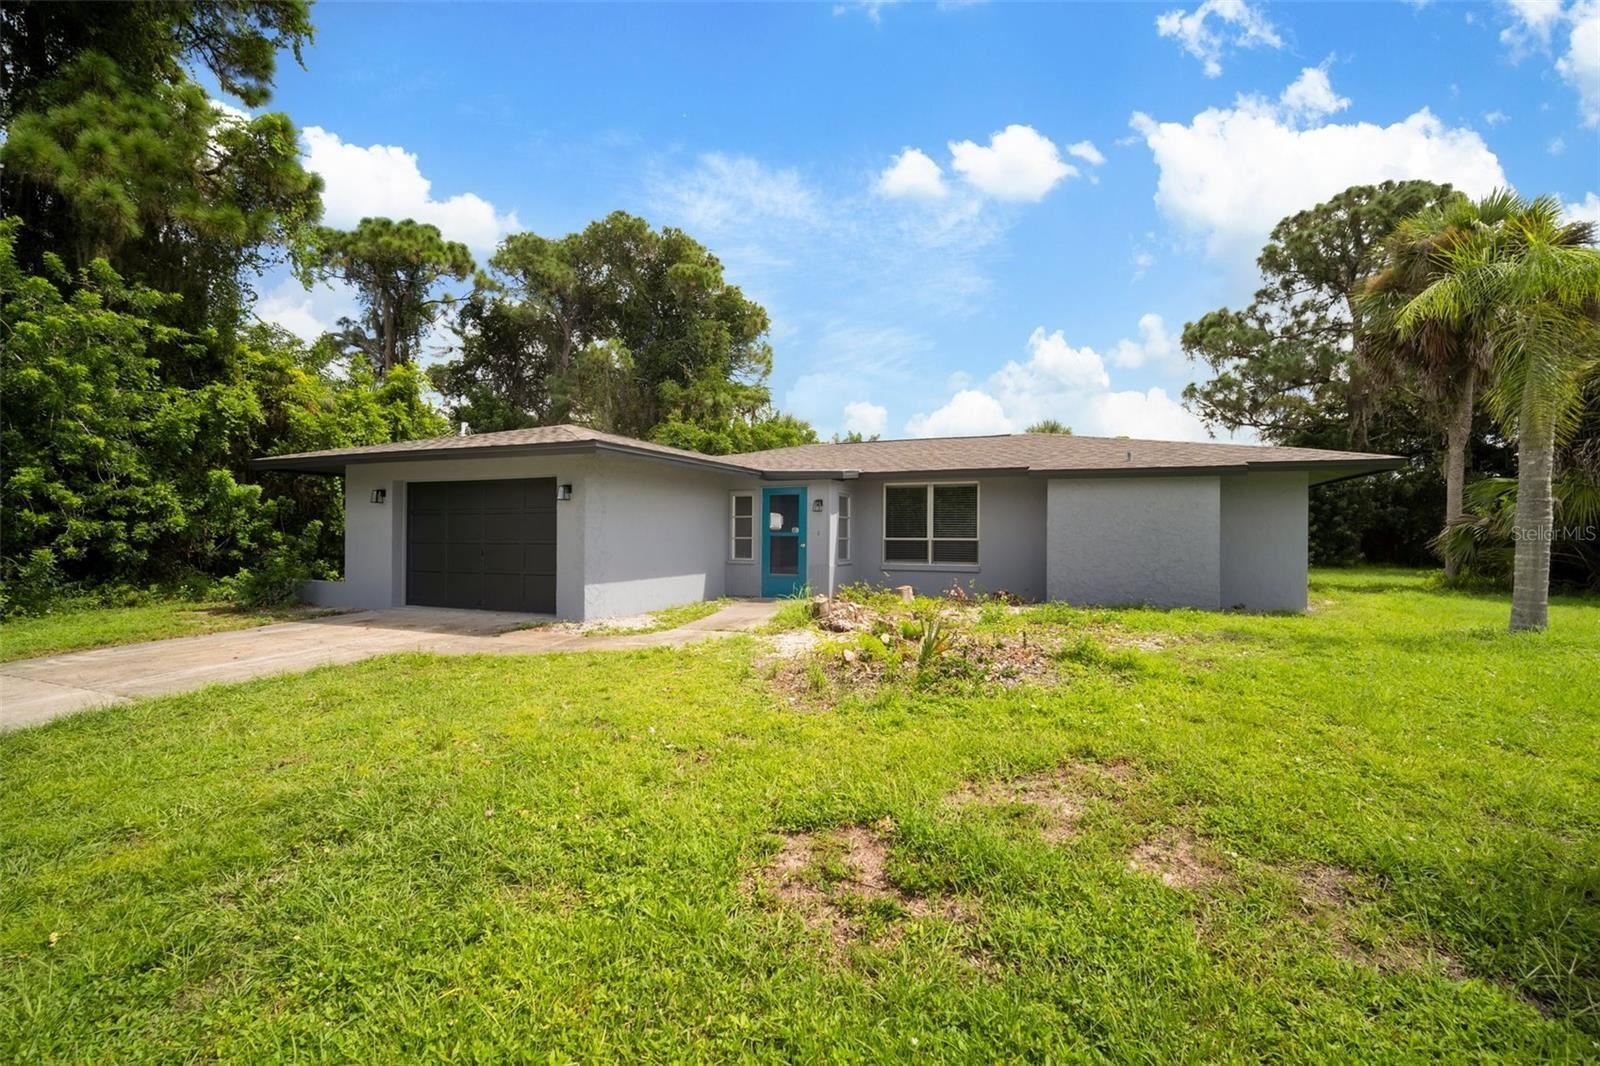 2296 WHITE SANDS STREET, Port Charlotte, FL 33948 - #: U8137985